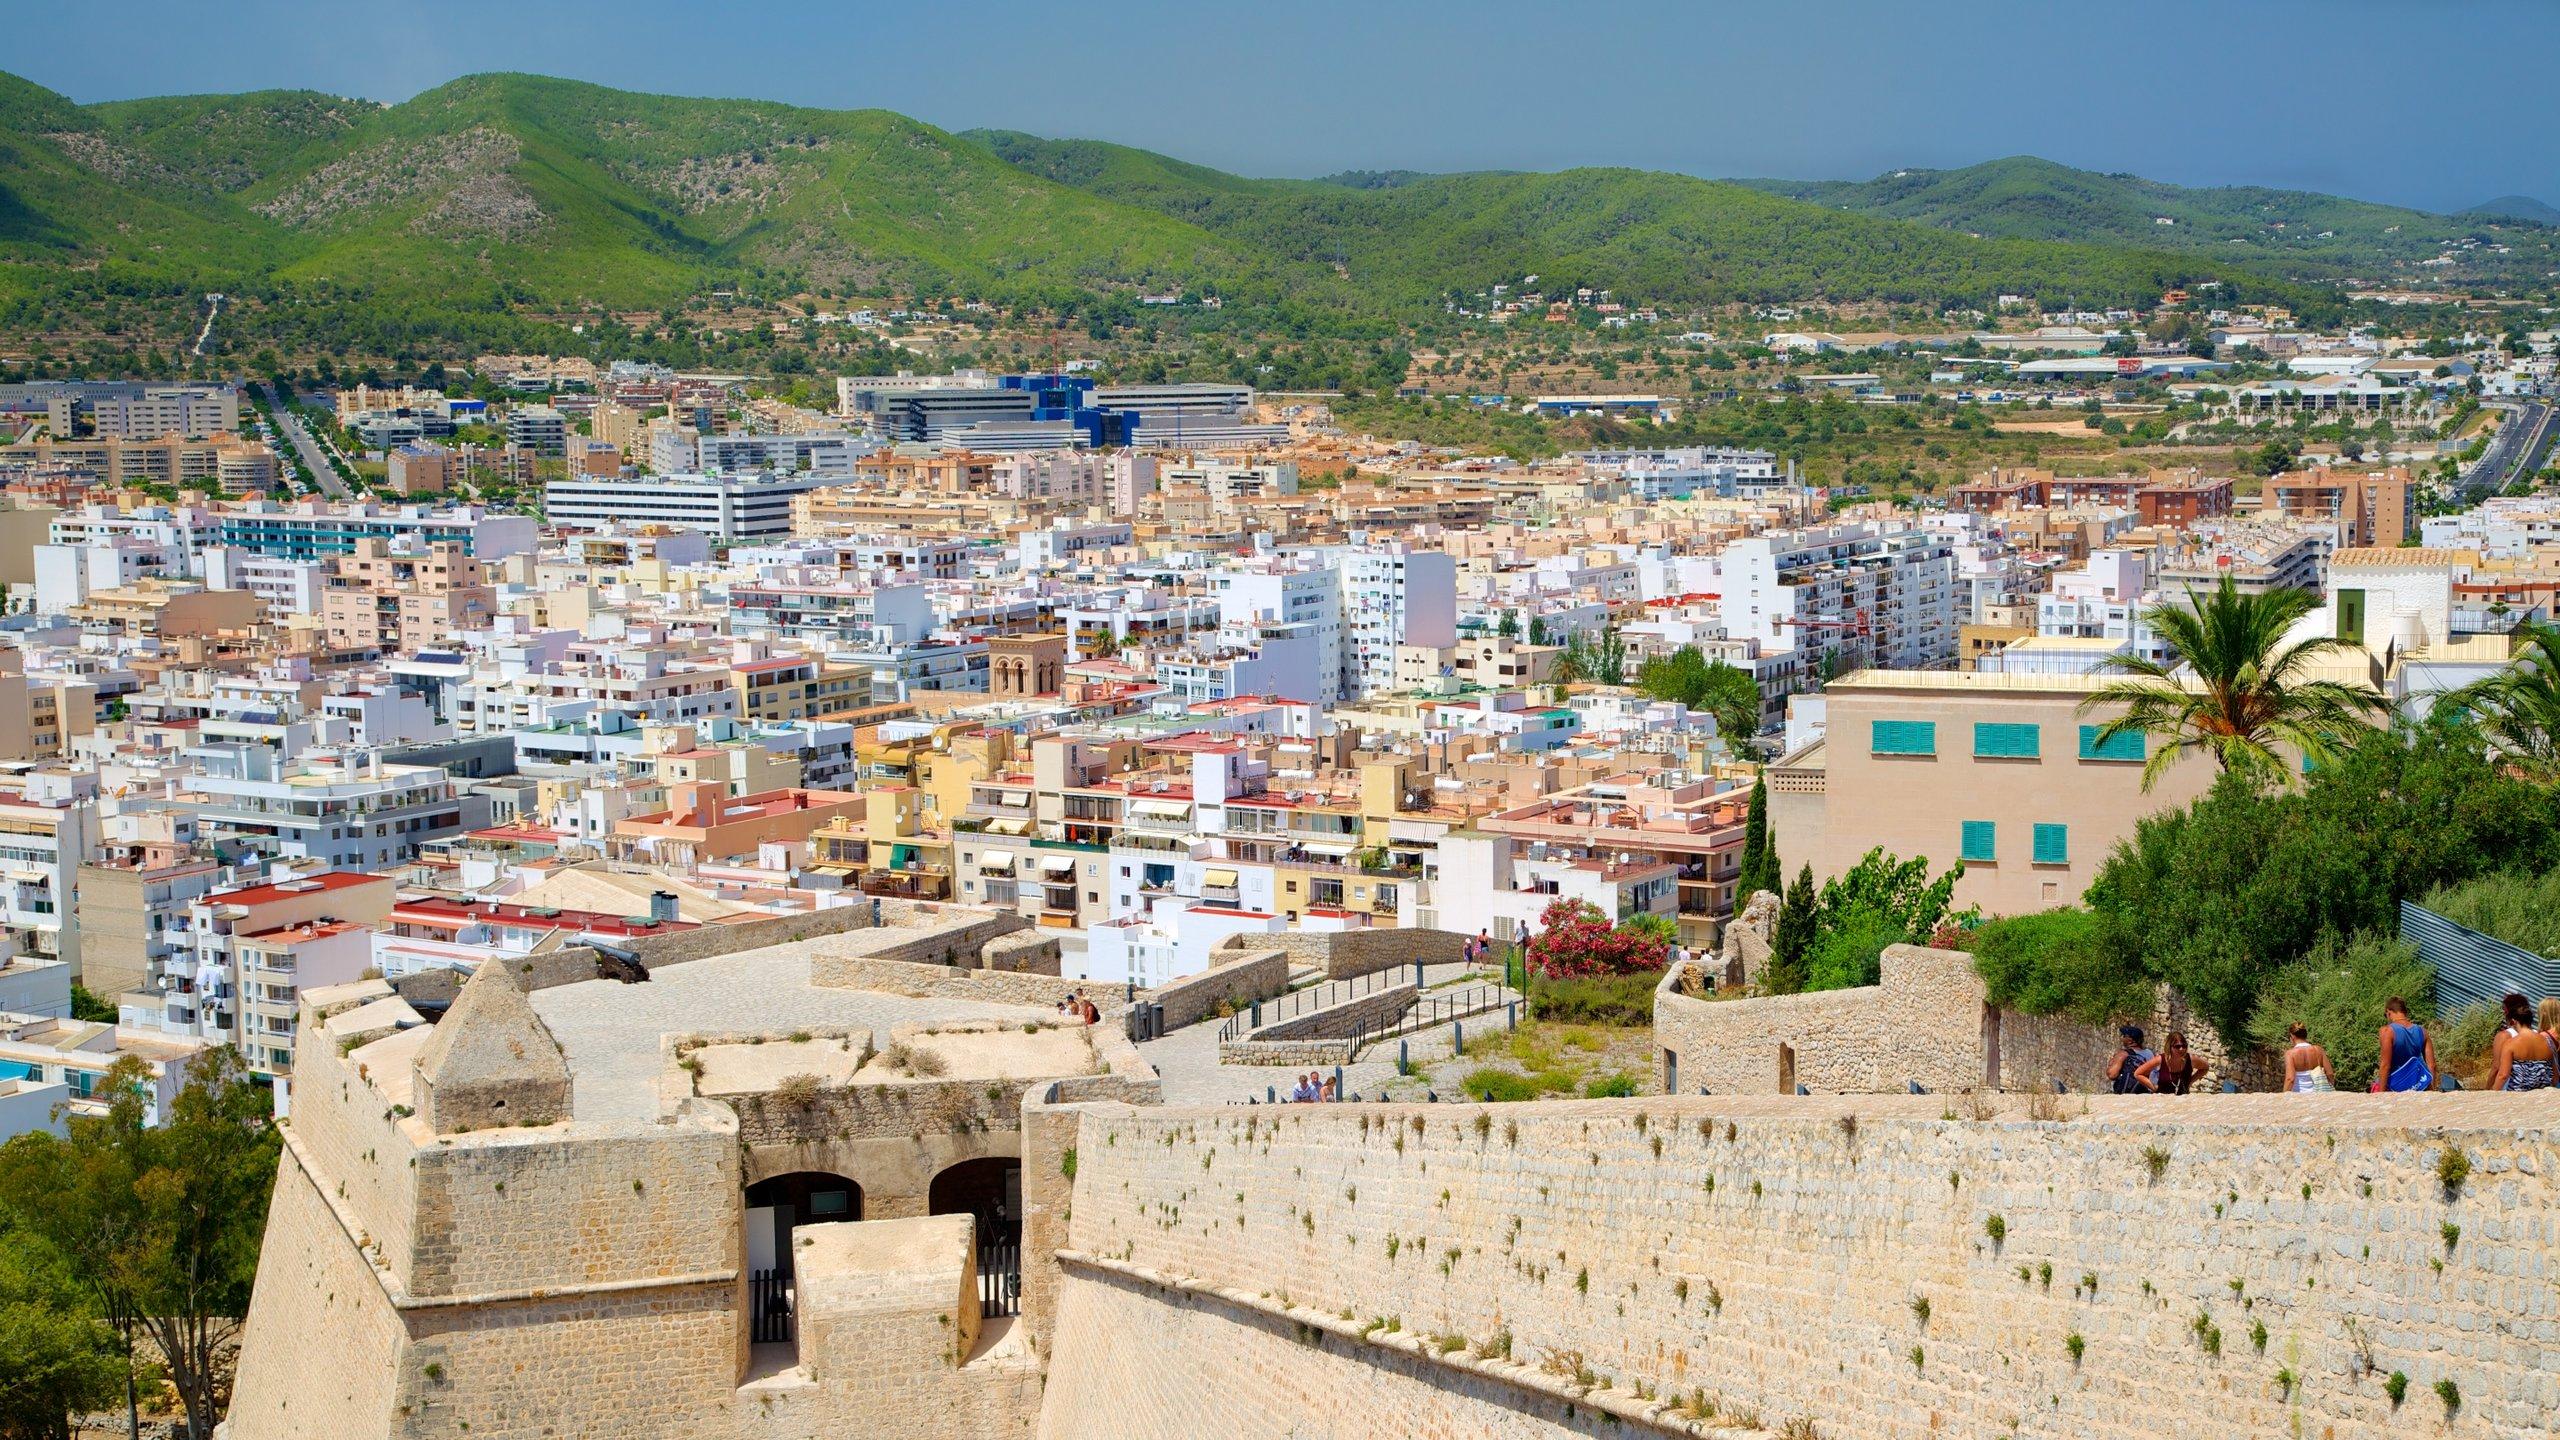 Acércate a Paseo Vara de Rey, una de las principales zonas comerciales de Ciudad de Ibiza, y aprovecha para hacerte con algún que otro capricho. Y, ya que estás aquí, ¿por qué no recorrer la bonita costa o salir de bares?